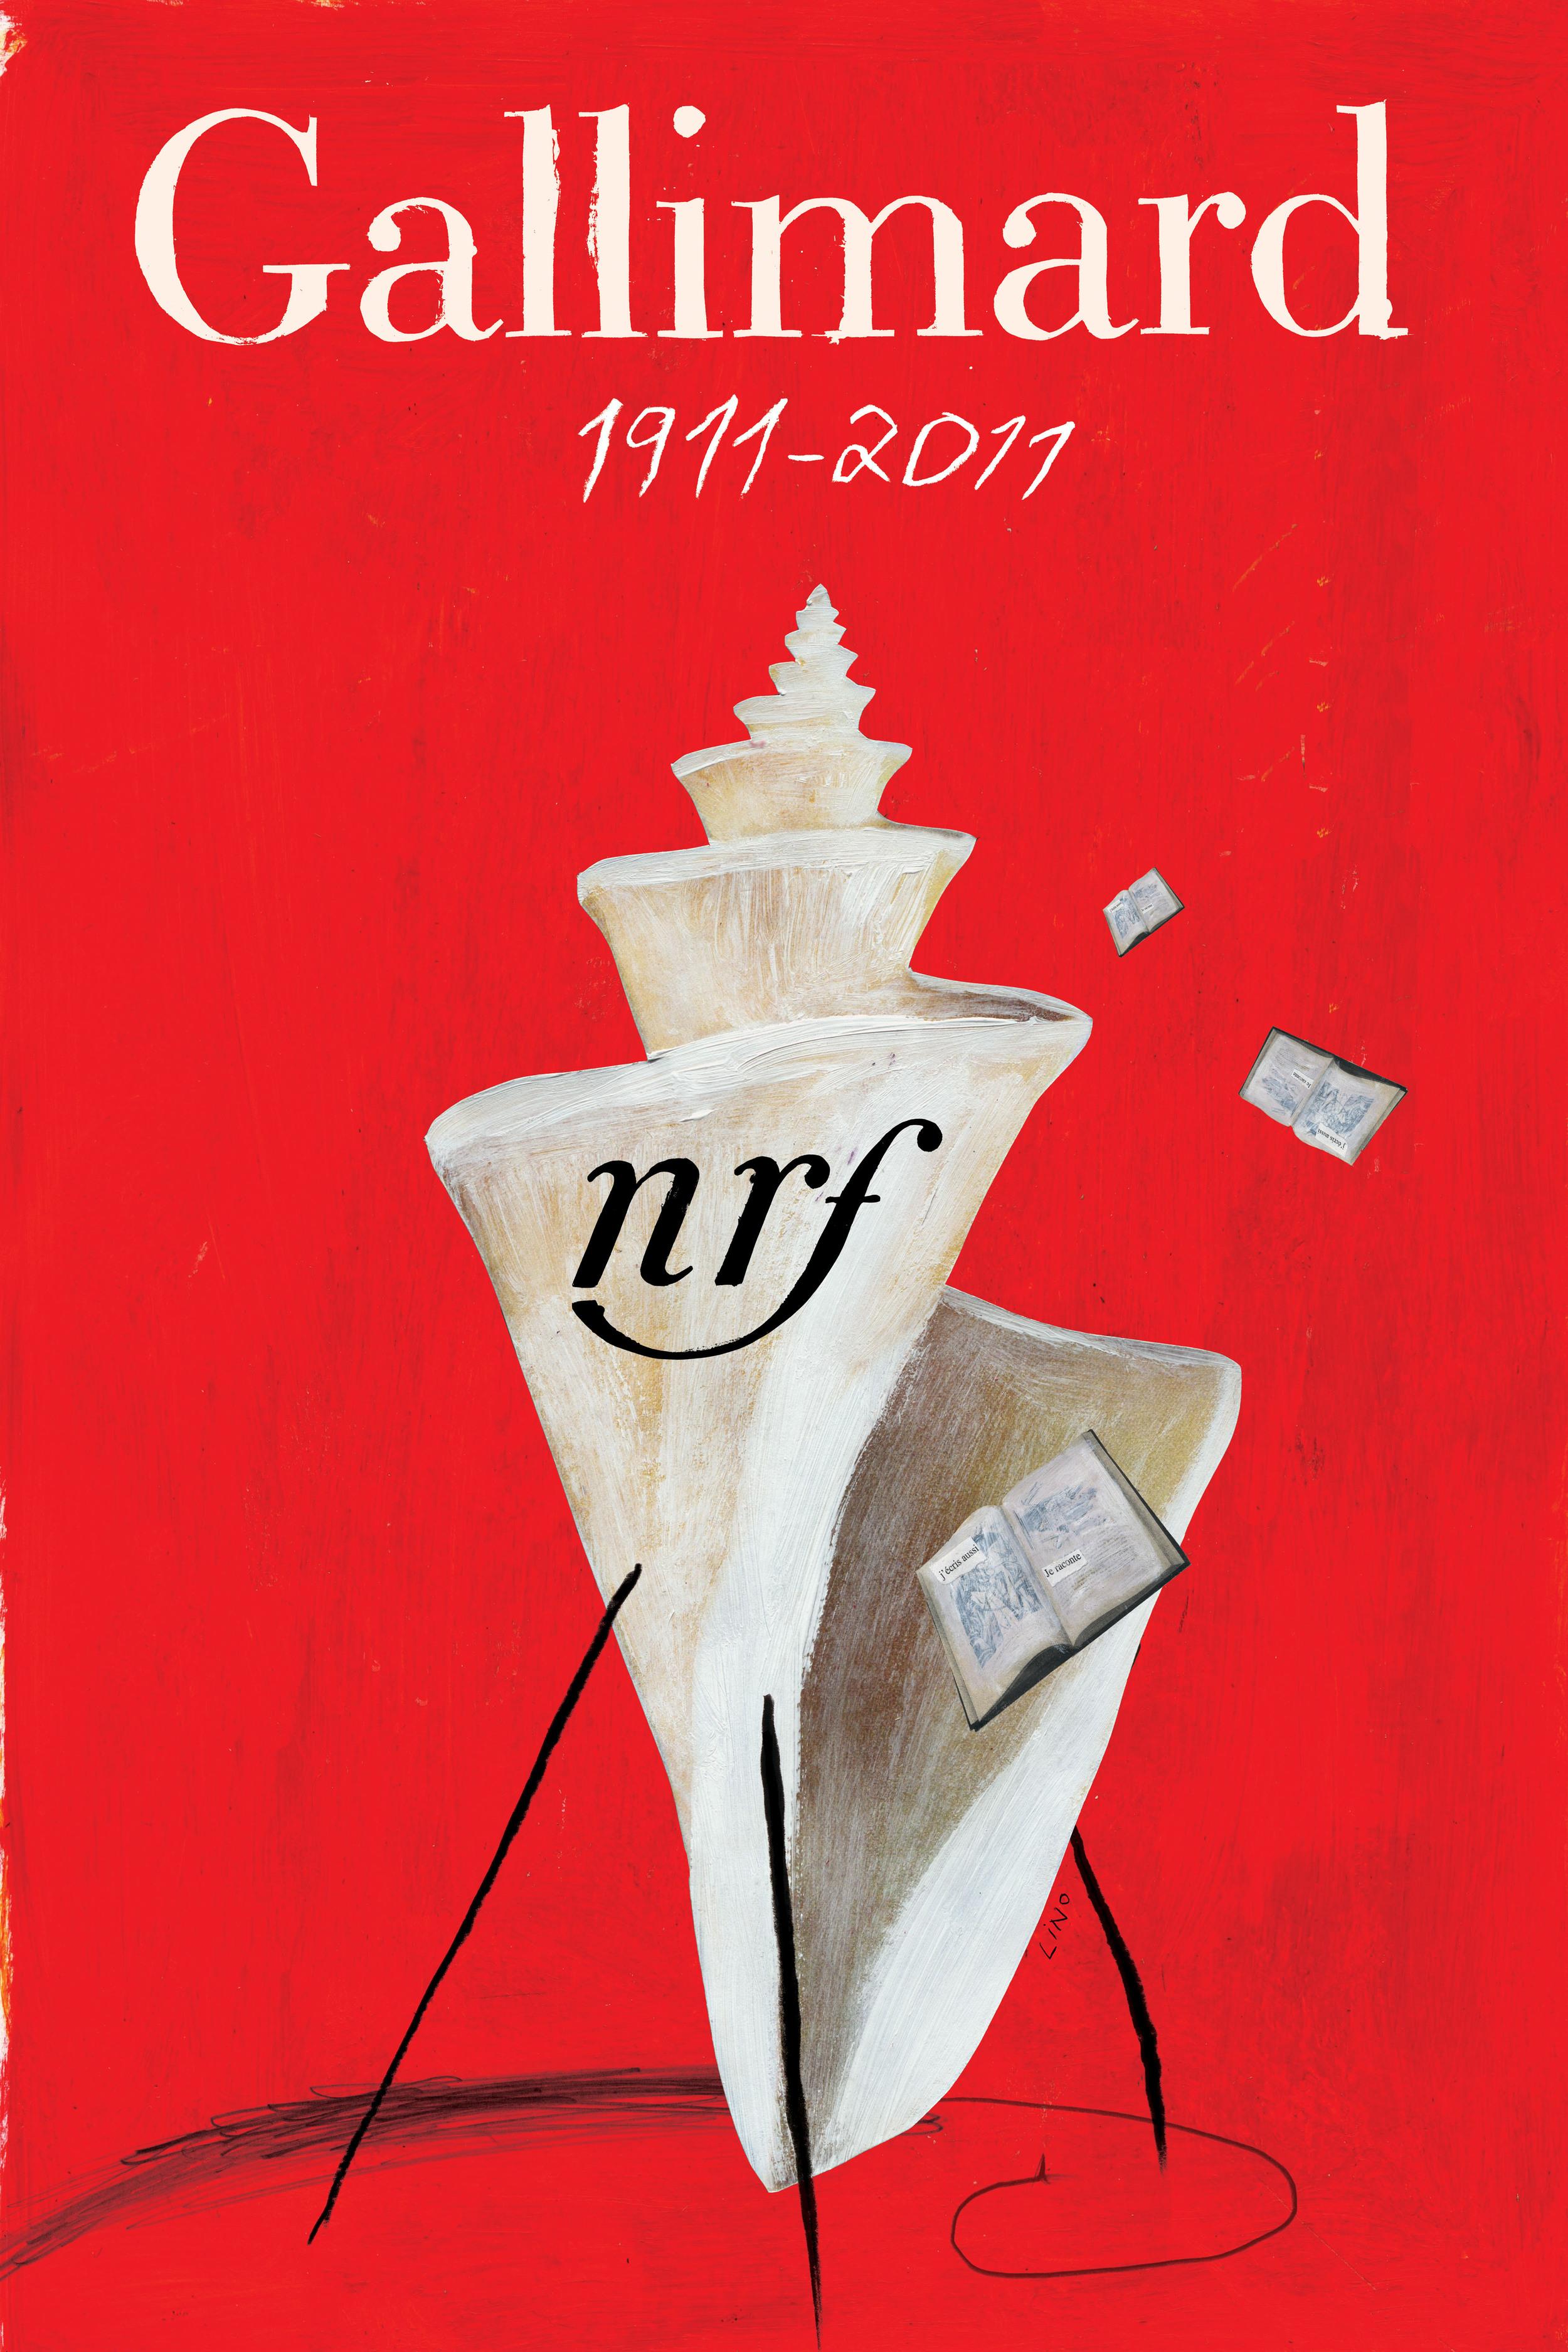 Gallimard_affiche.jpg